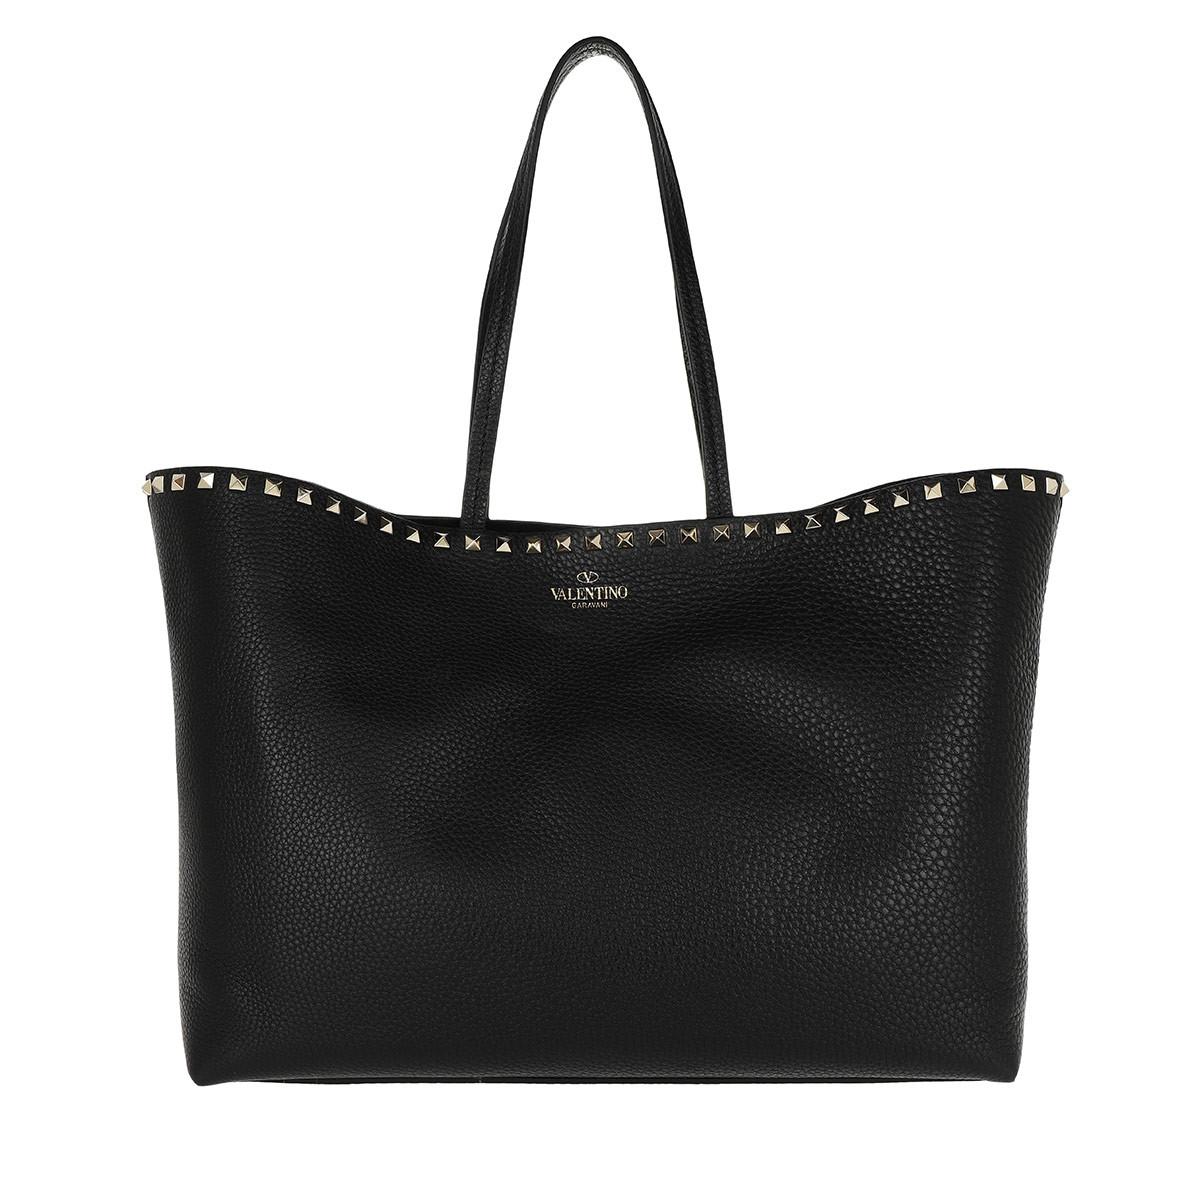 Valentino Borse A Tracolla - Stallone Roccia Costellate Nera Shopping Bag In Pelle Di Colore Nero Per Le Donne BuTZDaLac